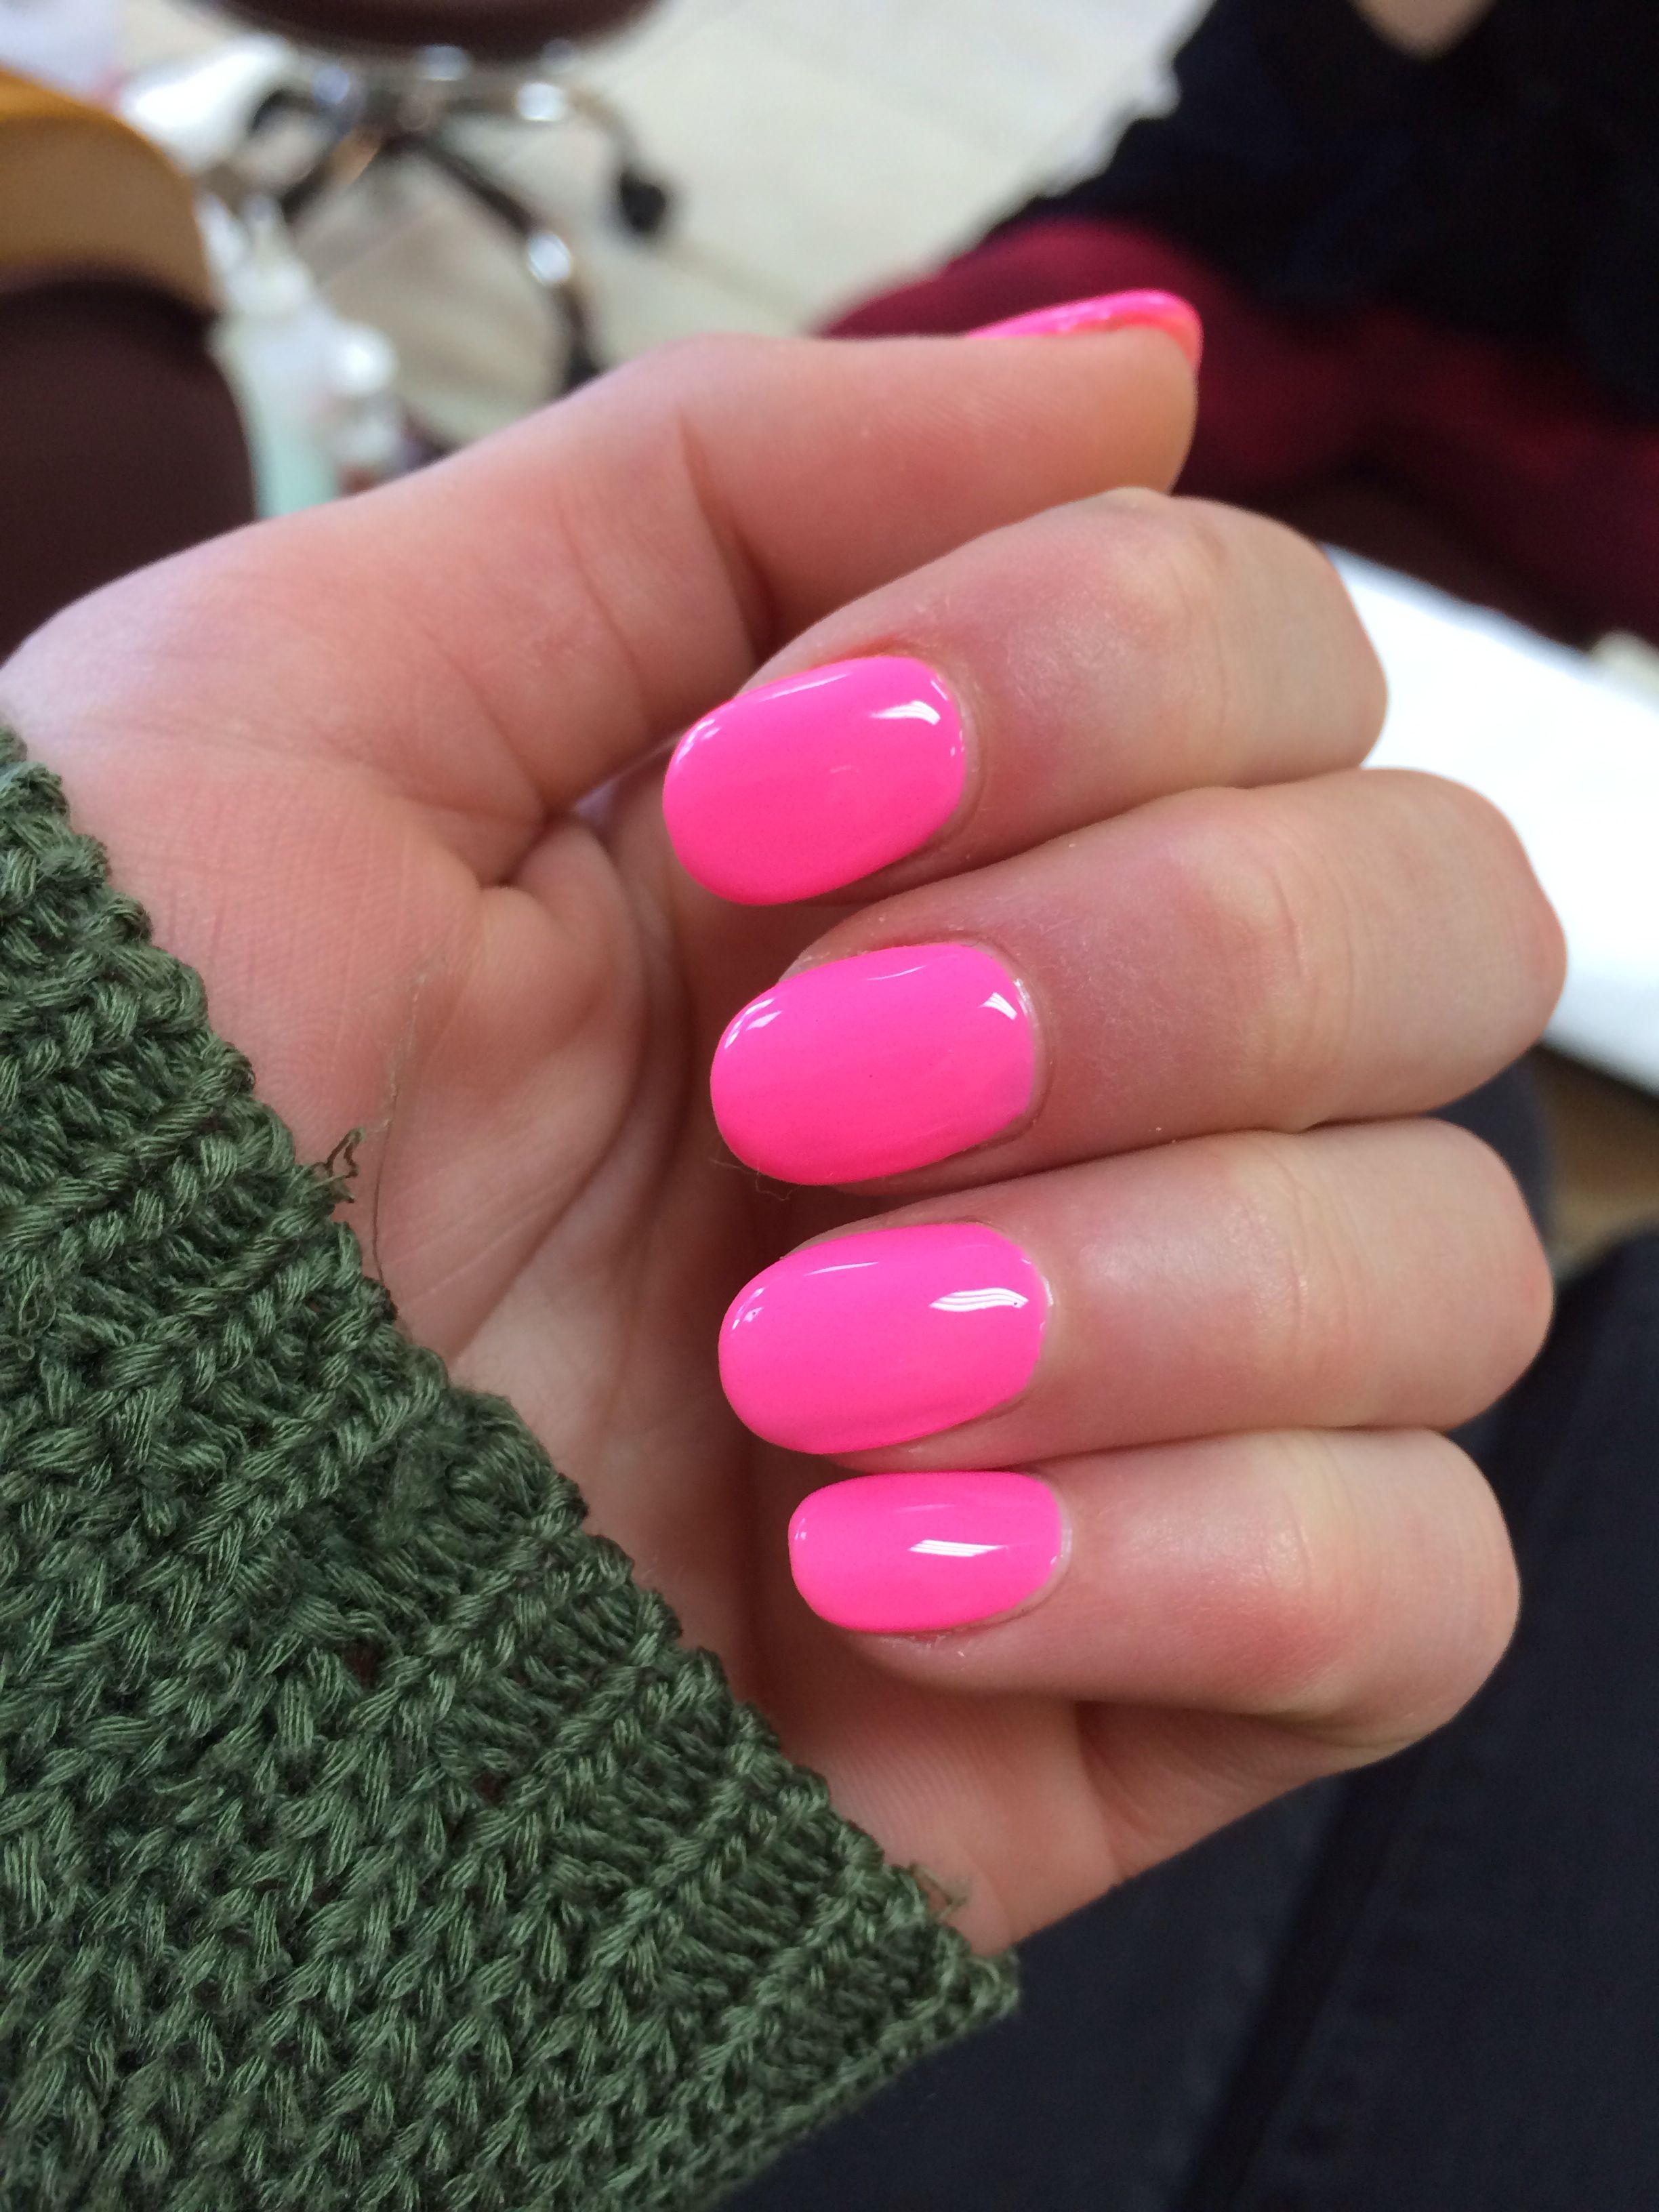 Oval nails | Nails | Pinterest | Oval nails, Makeup and Nail nail